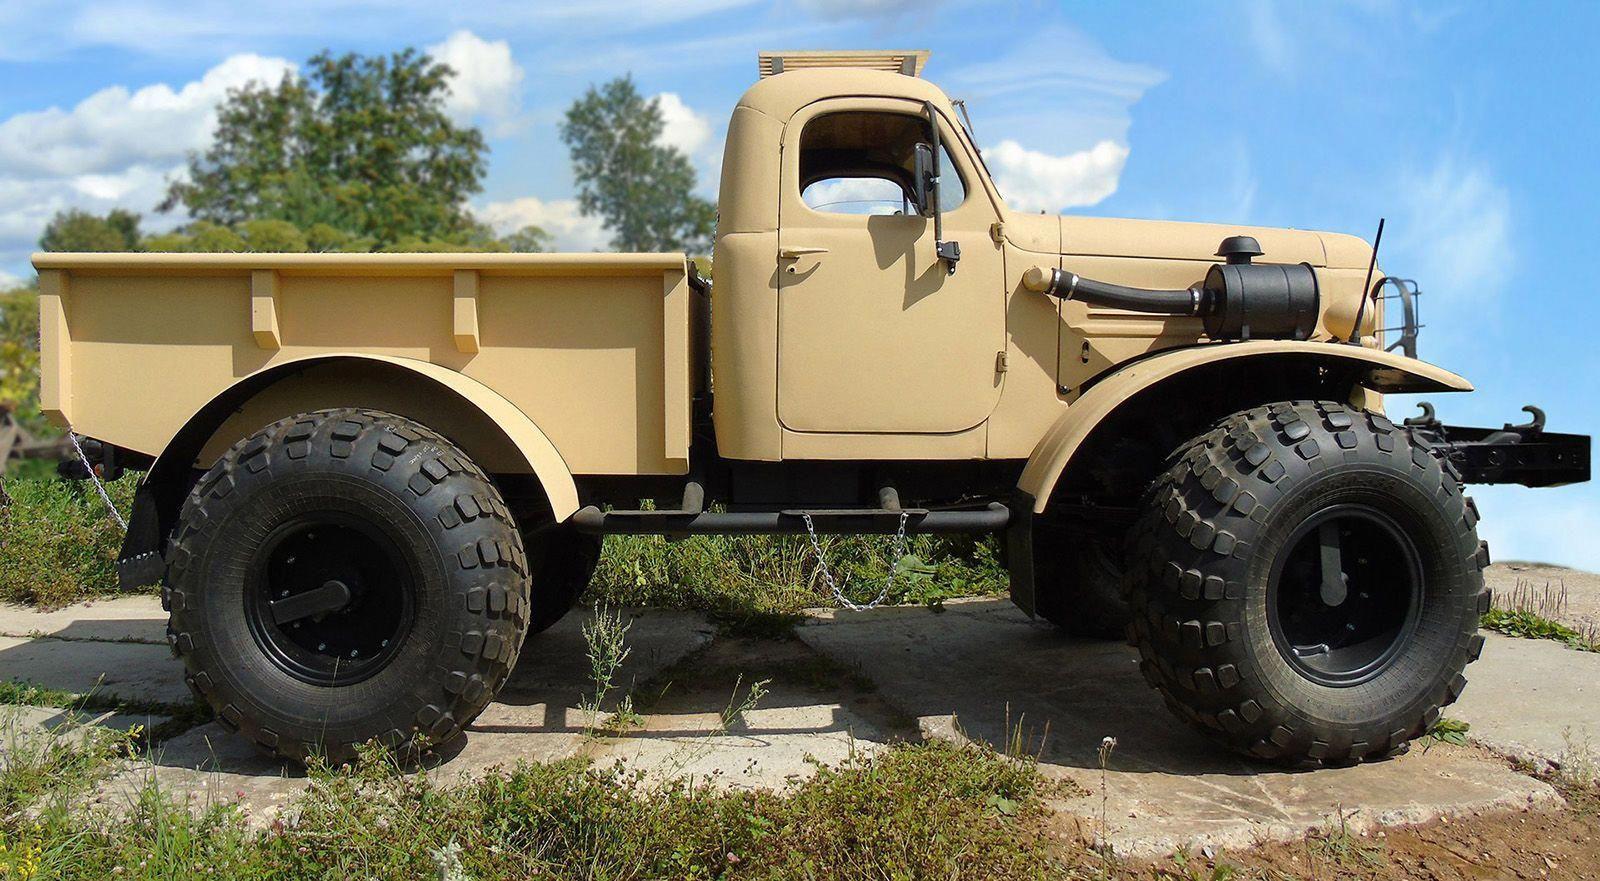 custom trucks images Customtrucks Trucks, Power wagon